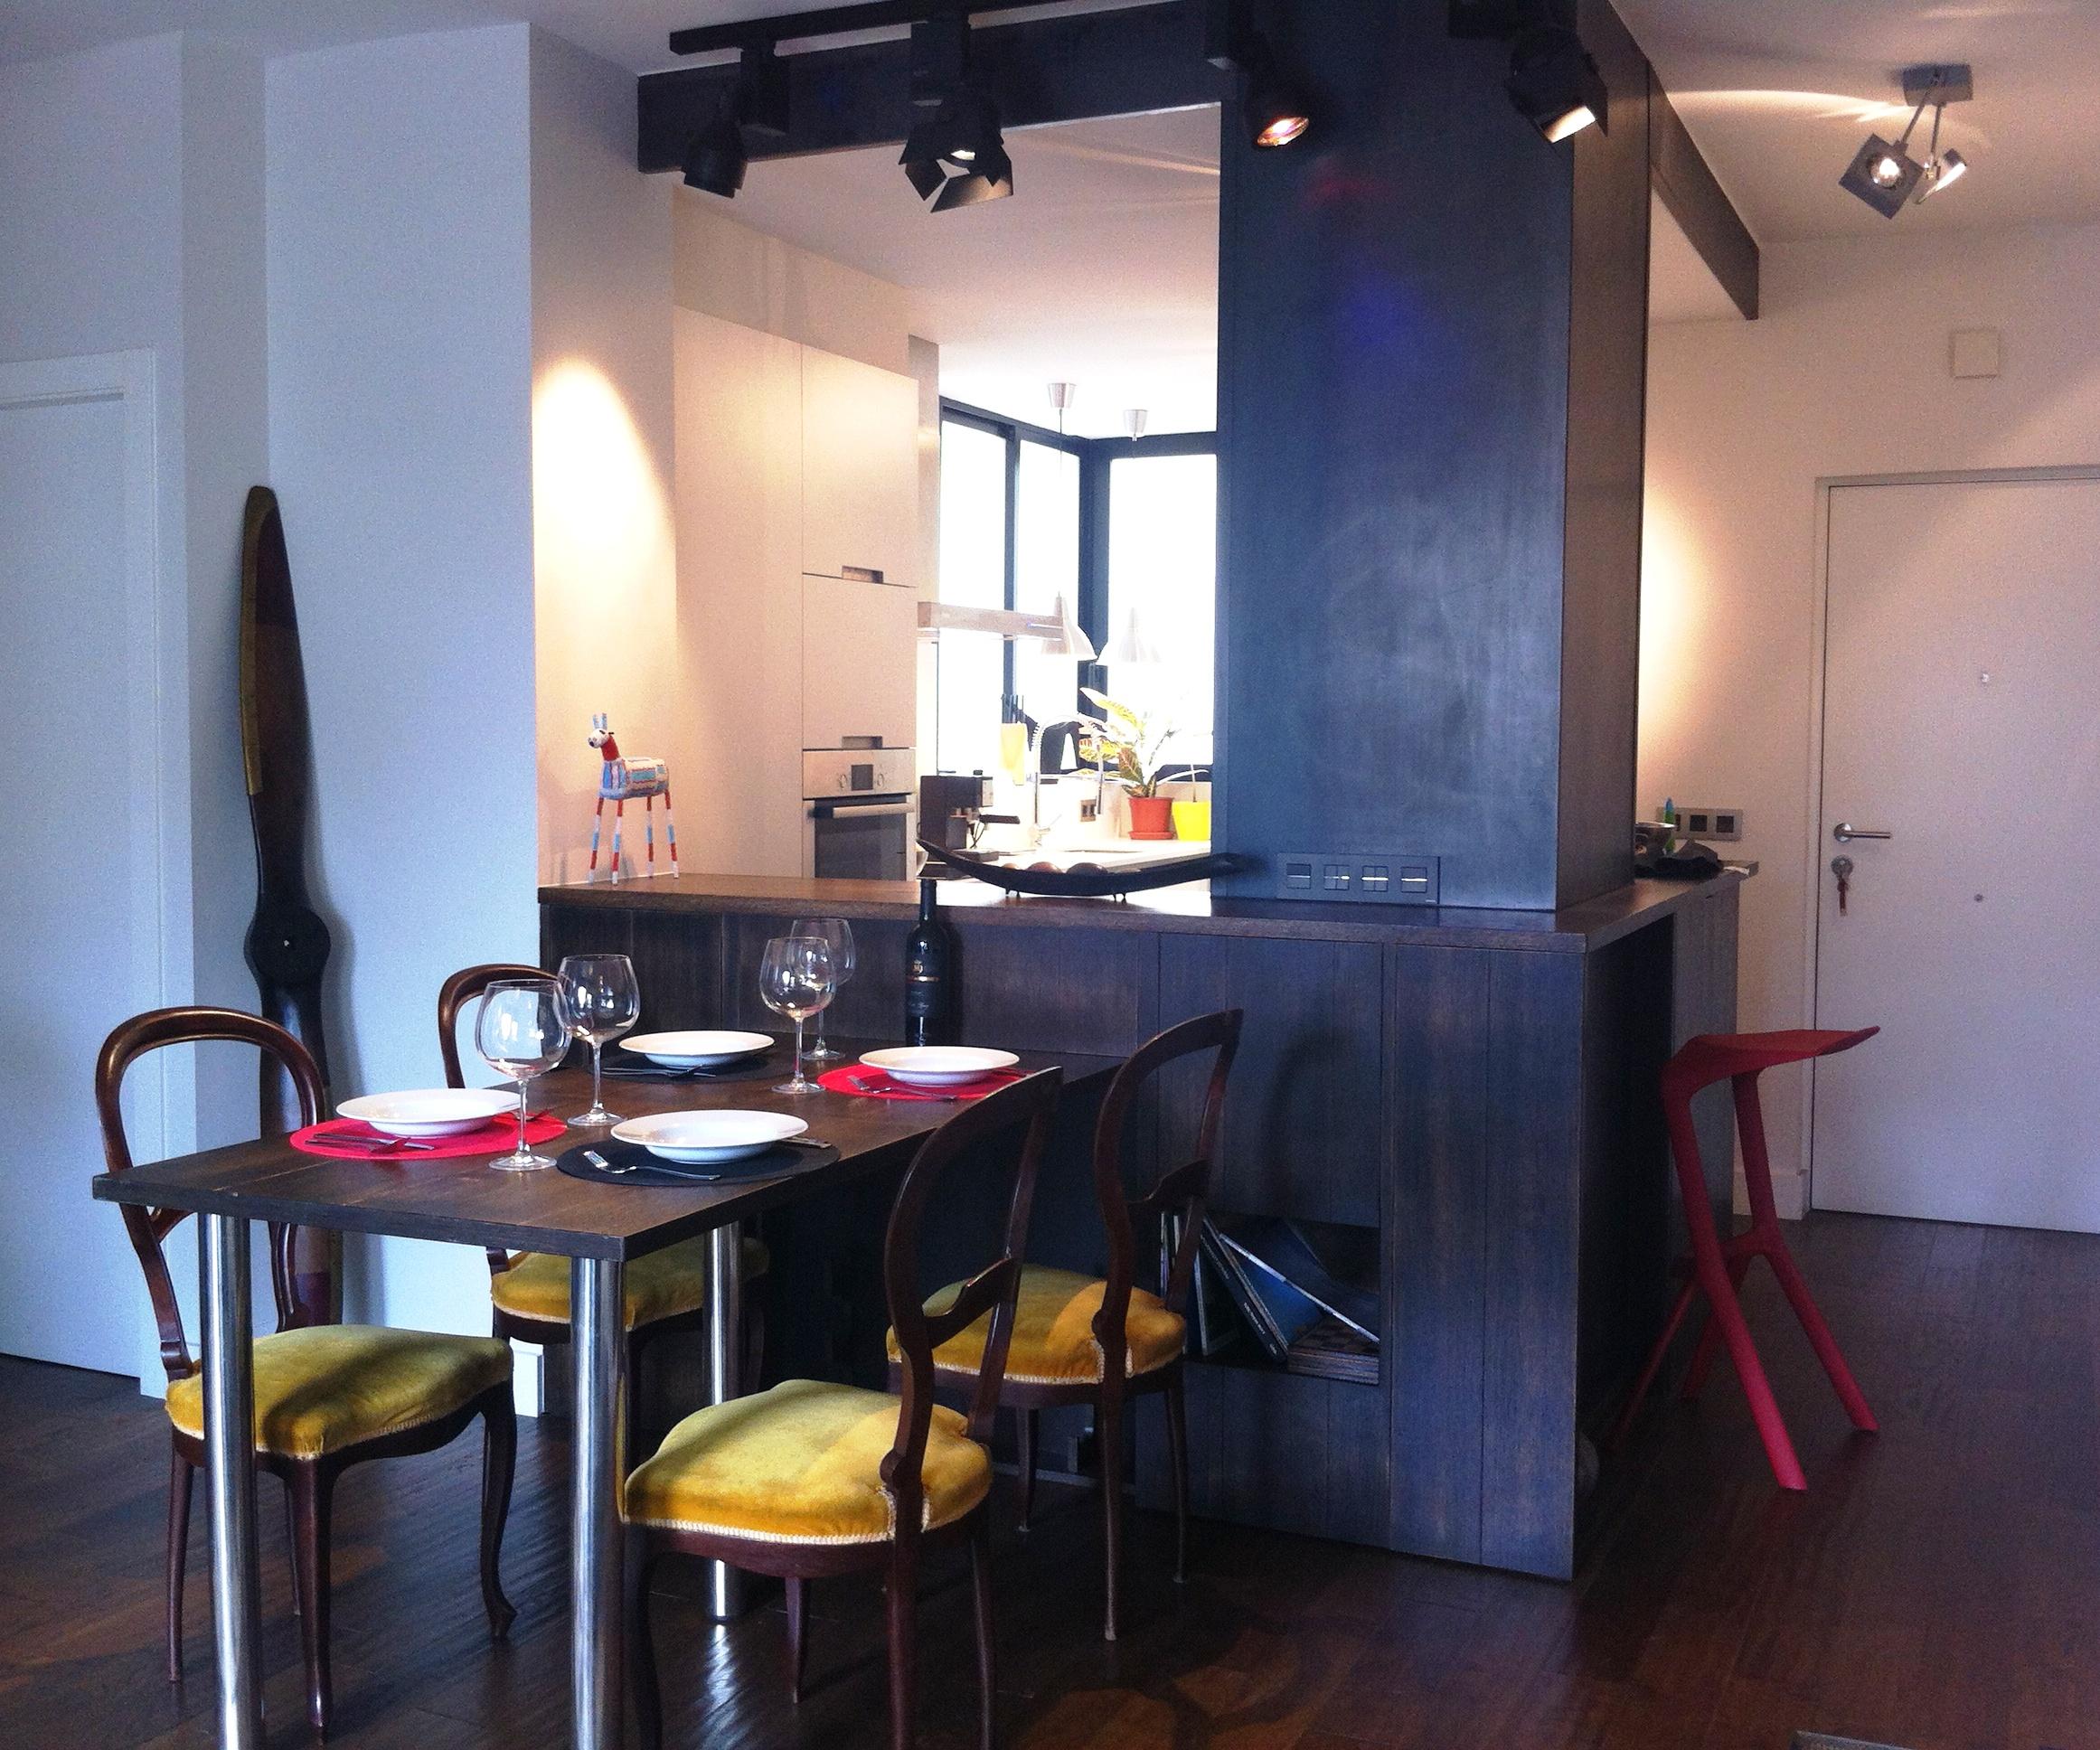 Mesa de comedor para apartamentos peque os la urbana for Mesas comedores pequenos